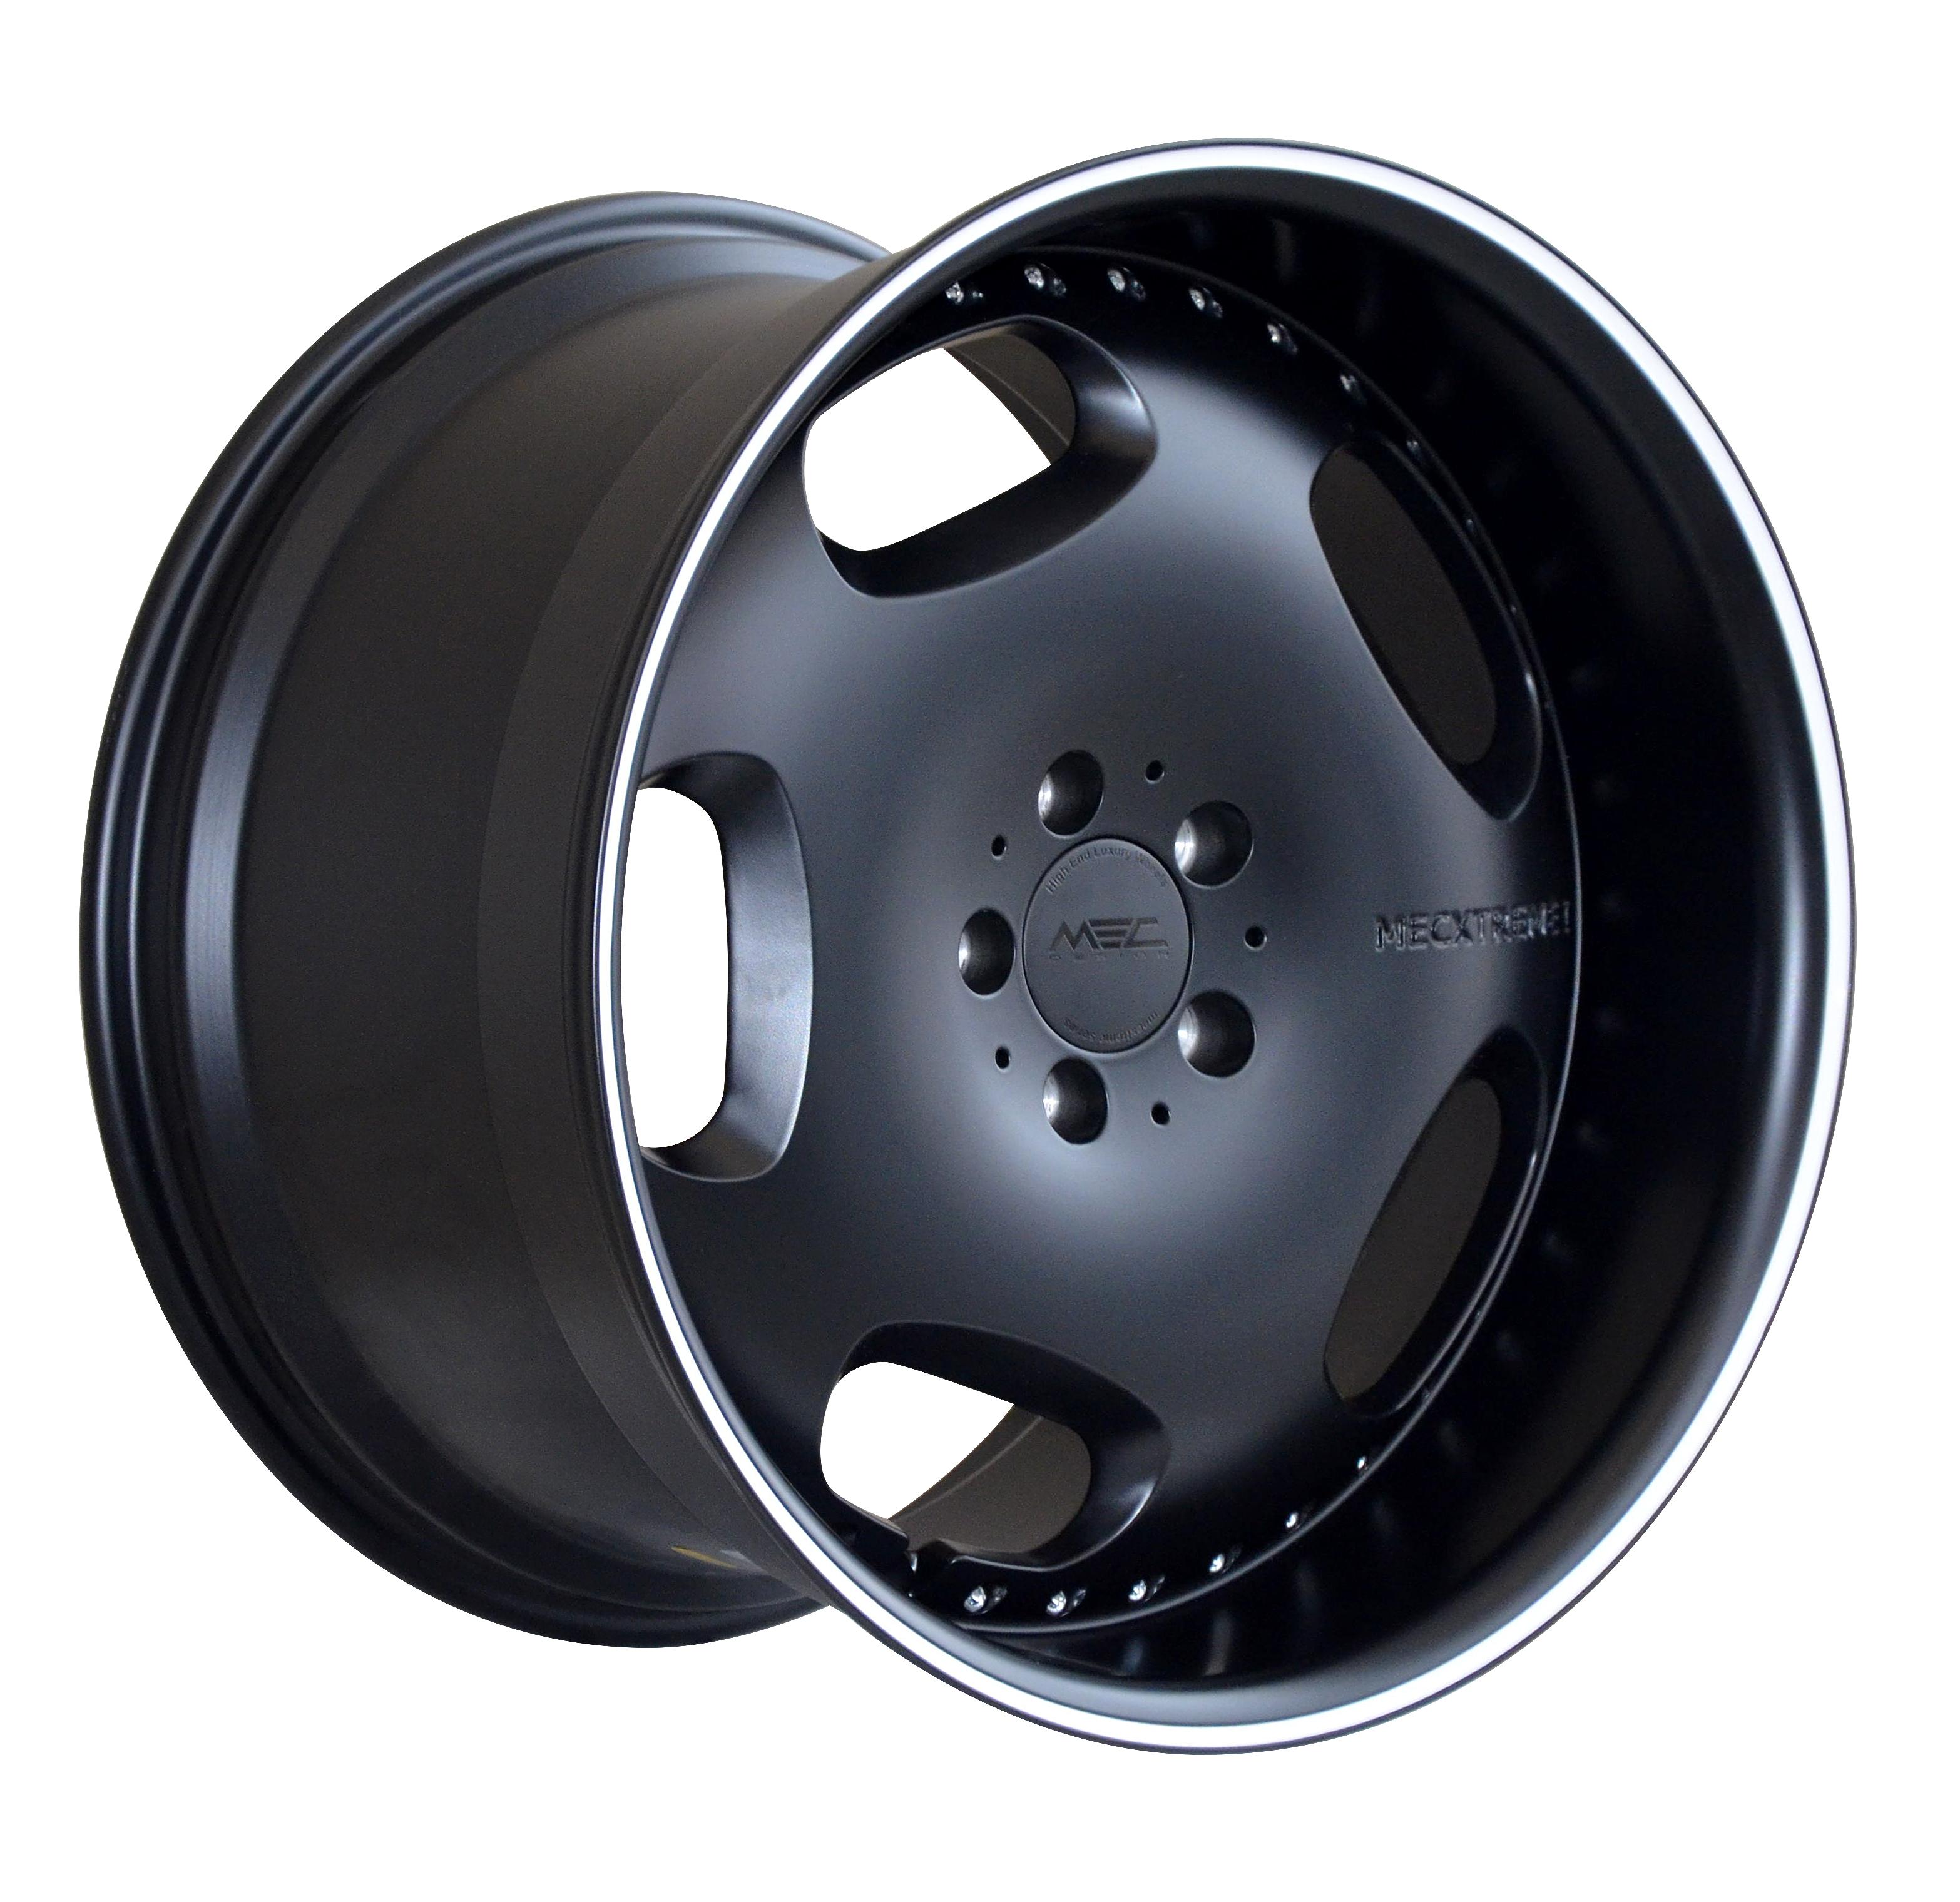 mecxtreme1 one piece wheel in Full Matt Black finish